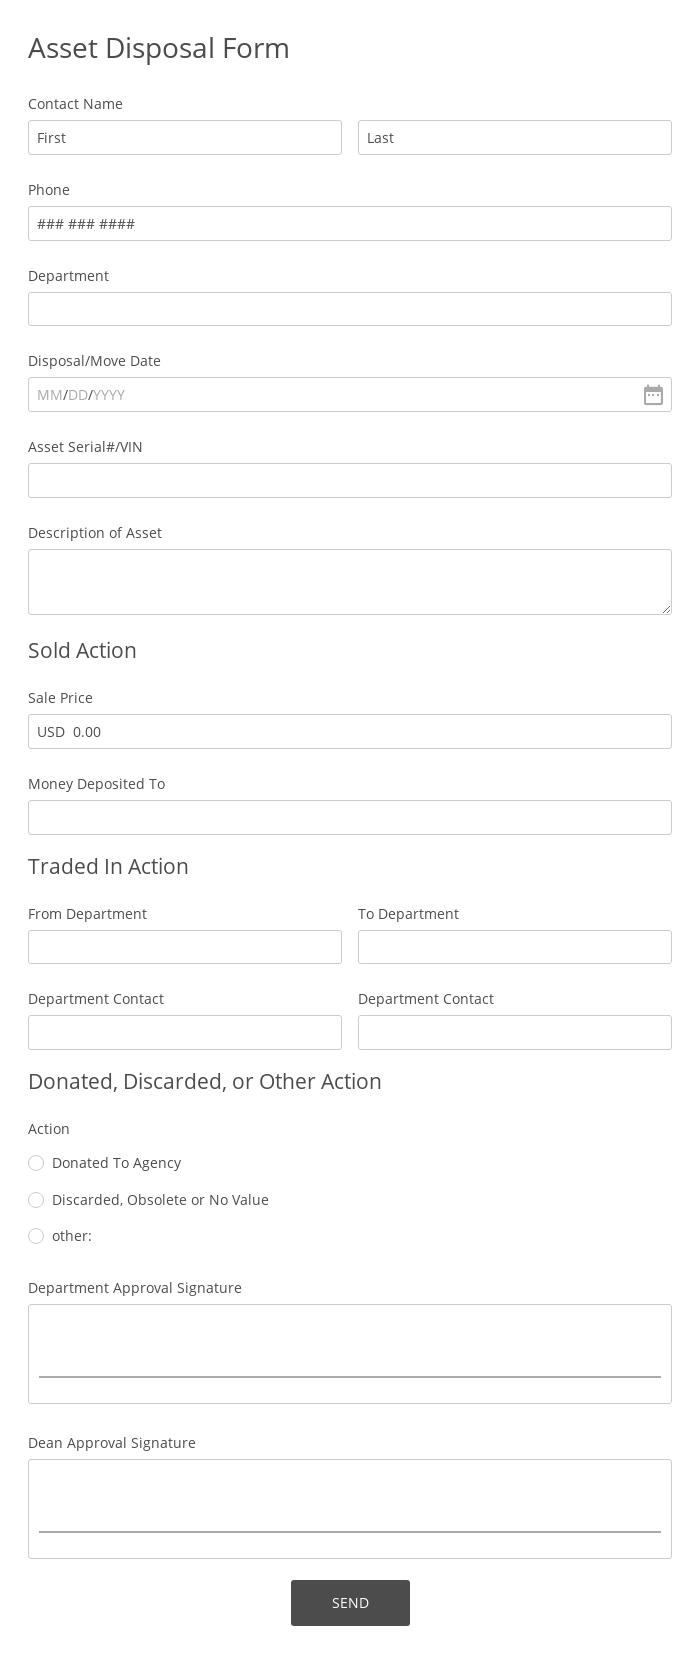 Asset Disposal Form